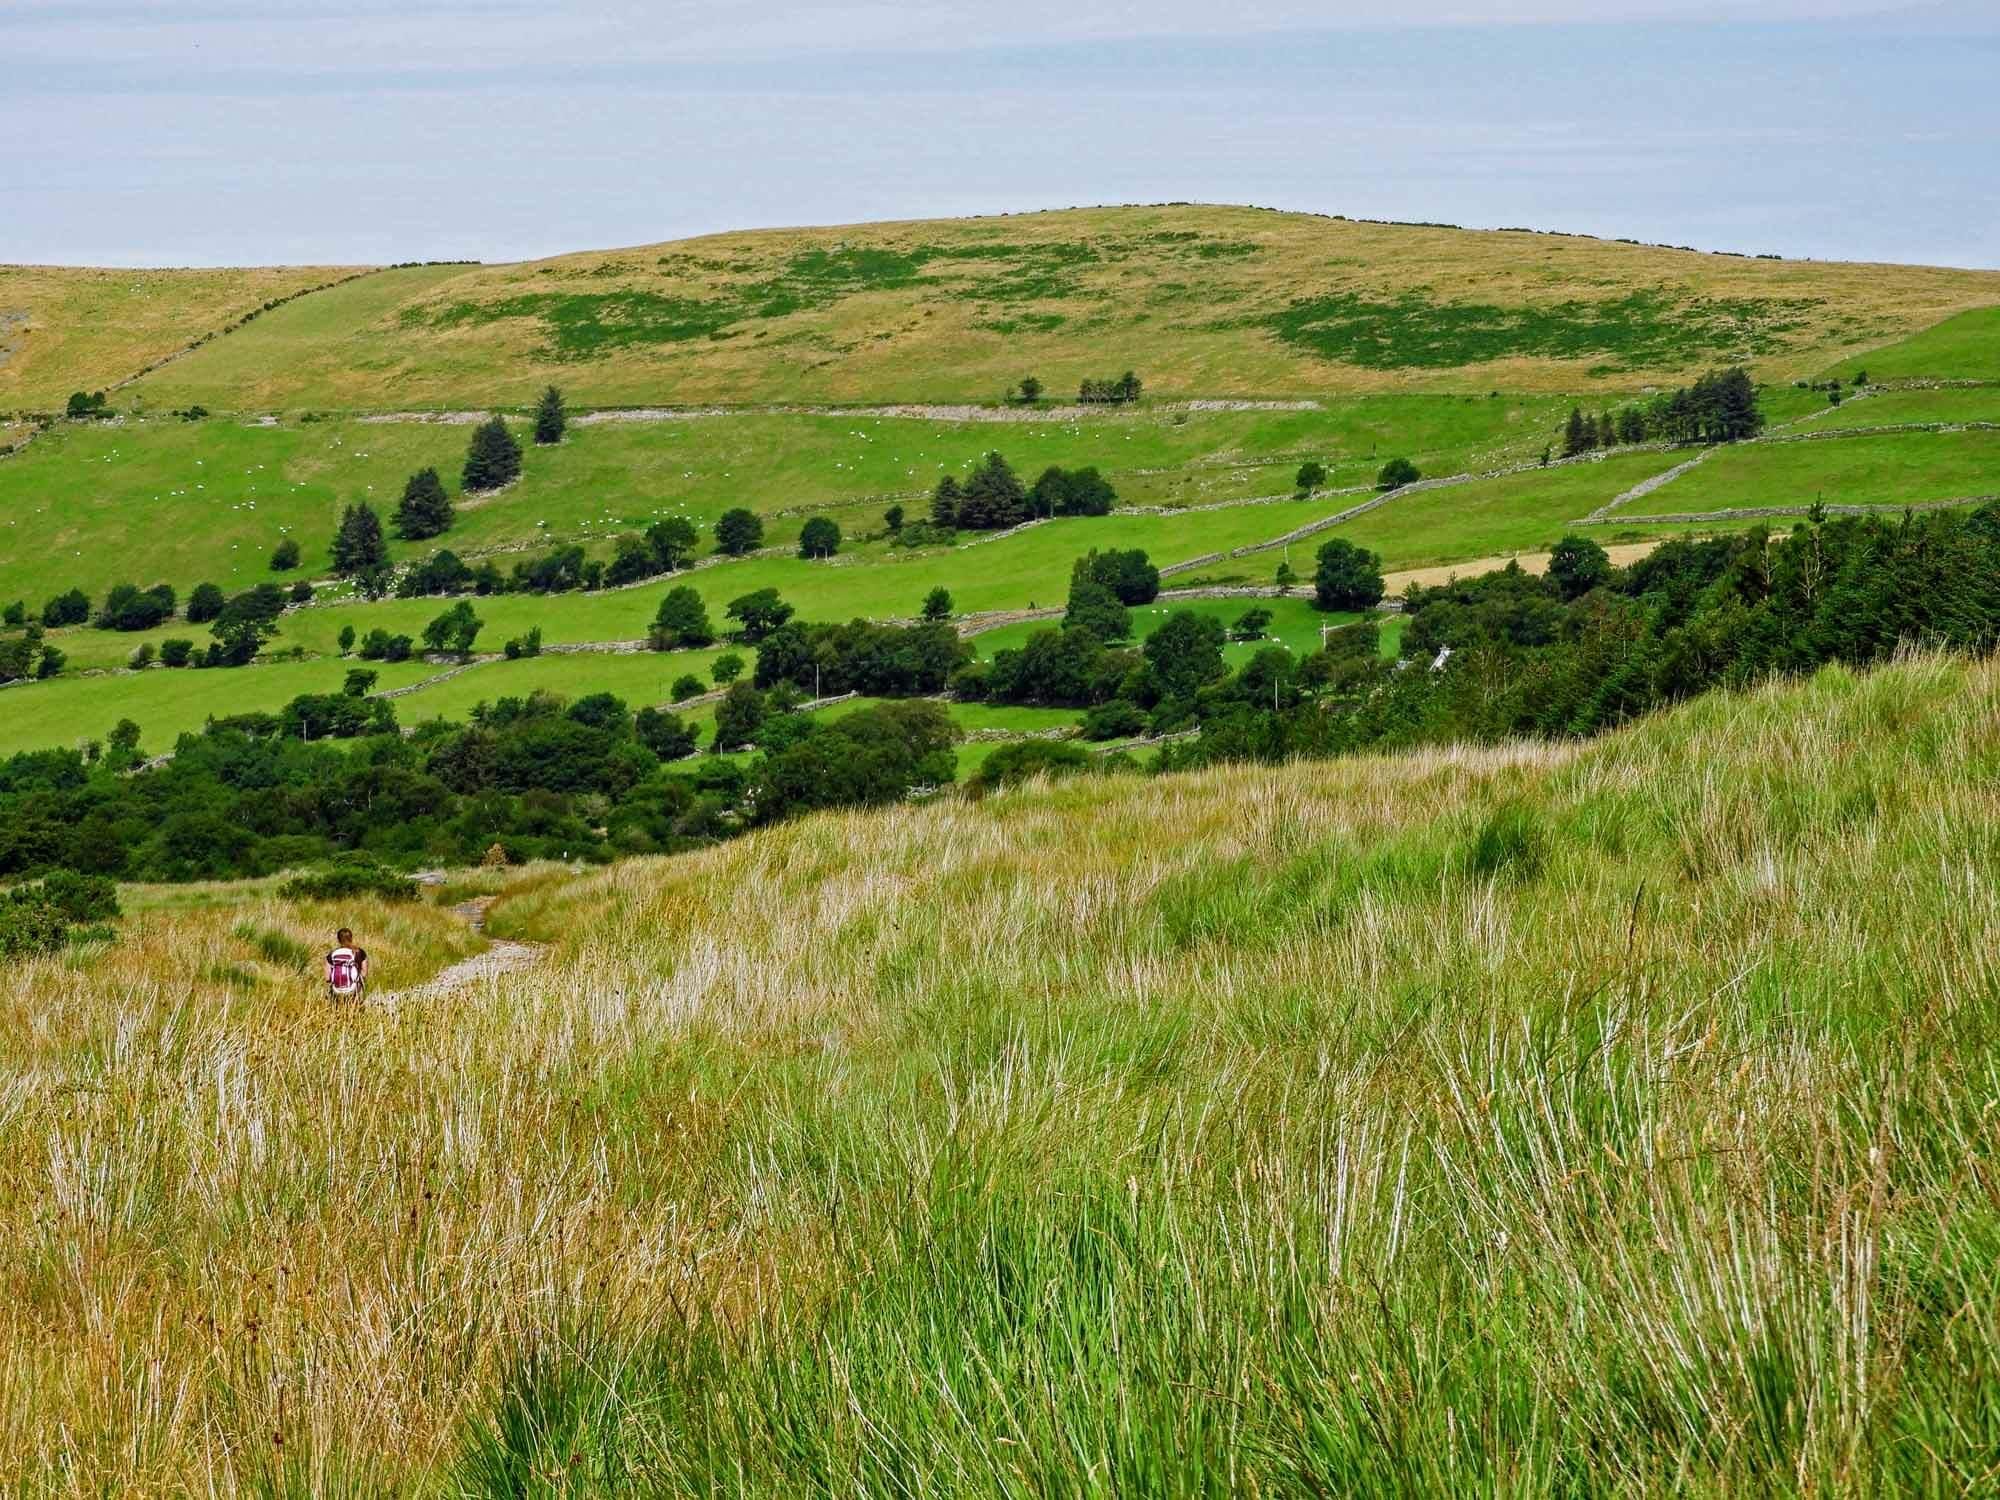 ireland-carrauntoohil-highest-mountain-peak-green-fields-grass-sheep.jpg